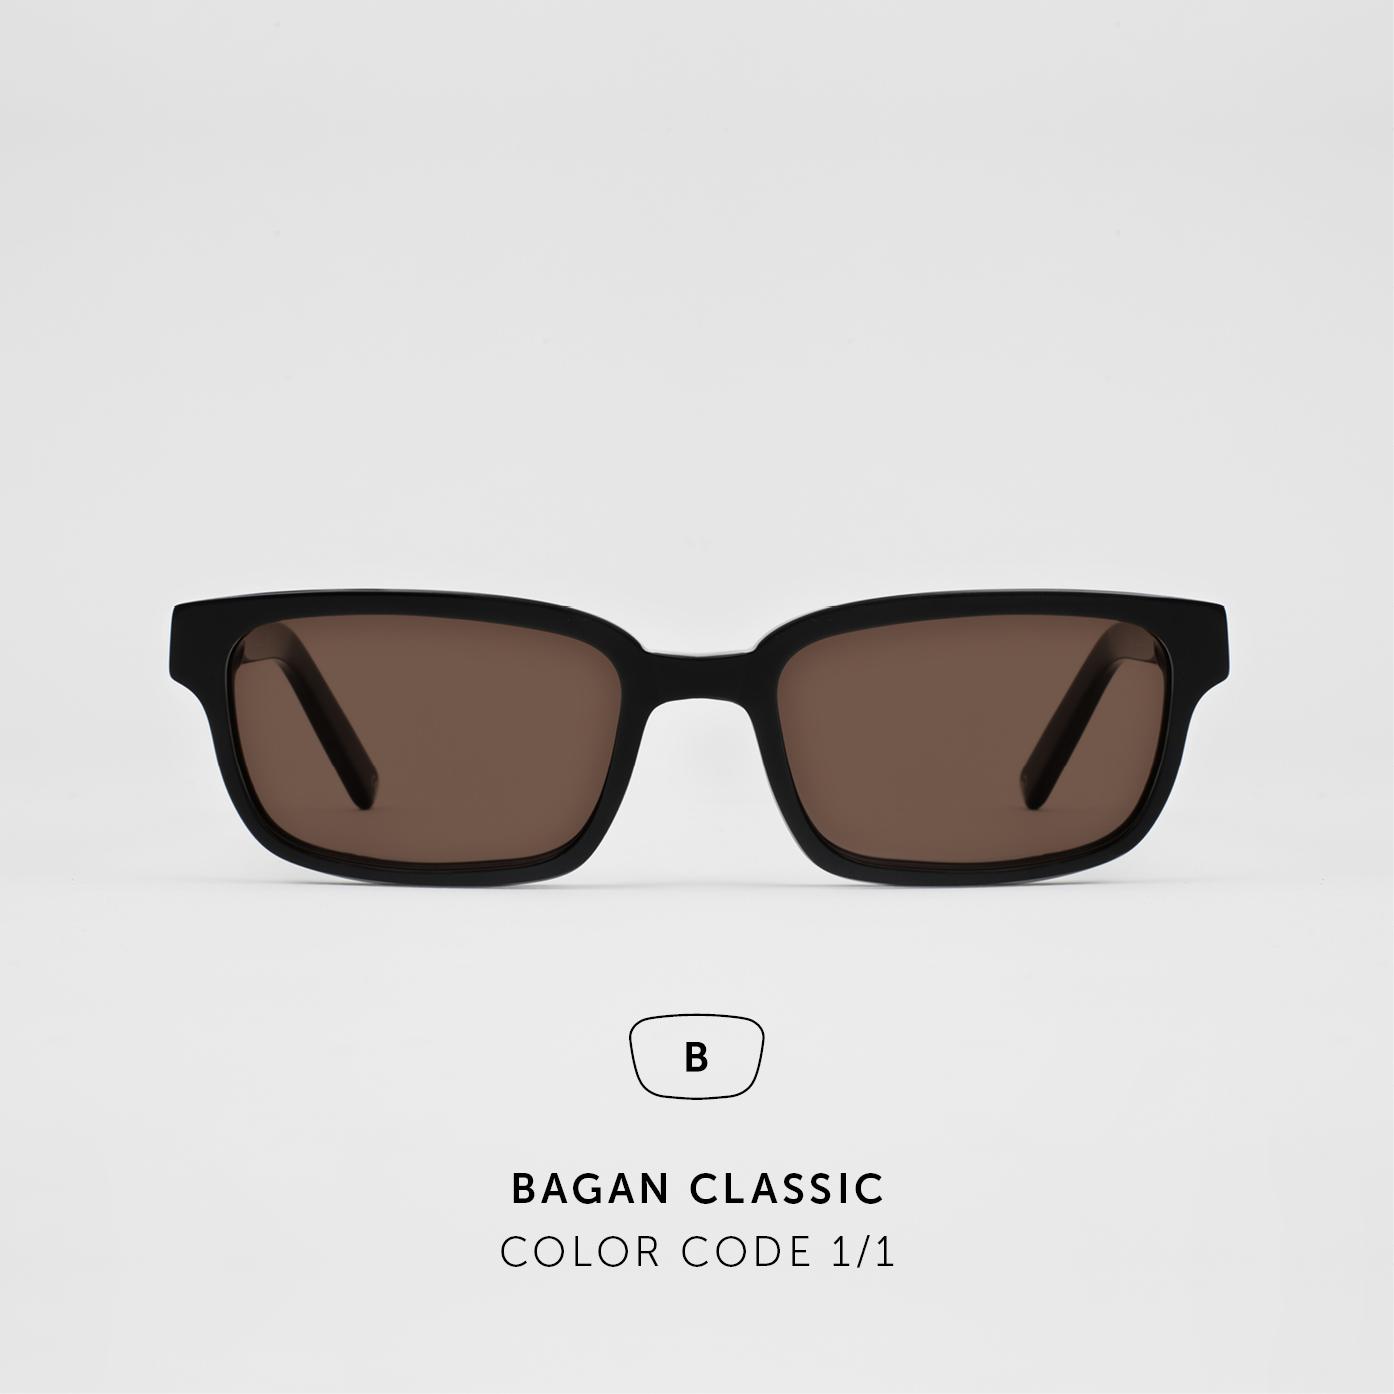 BaganClassic4.jpg